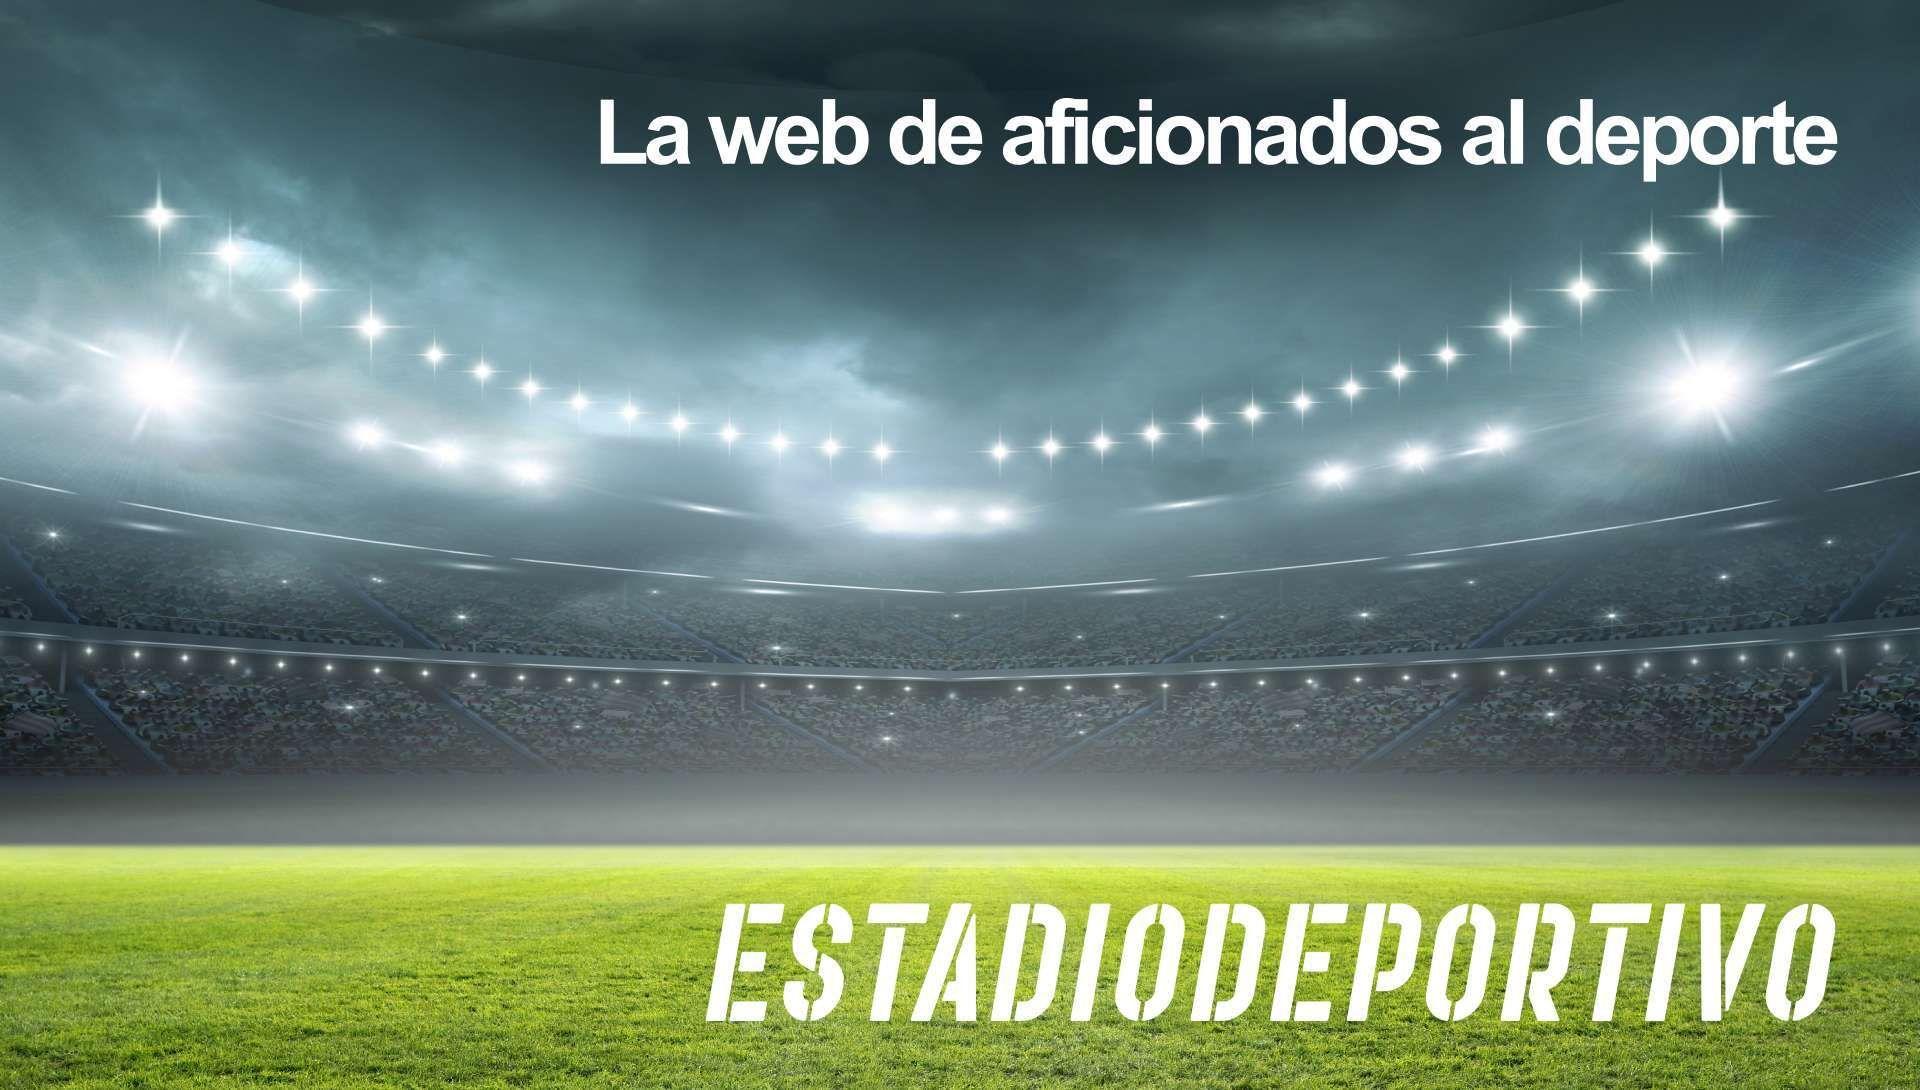 Las portadas de la prensa deportiva del 17 de marzo 2020